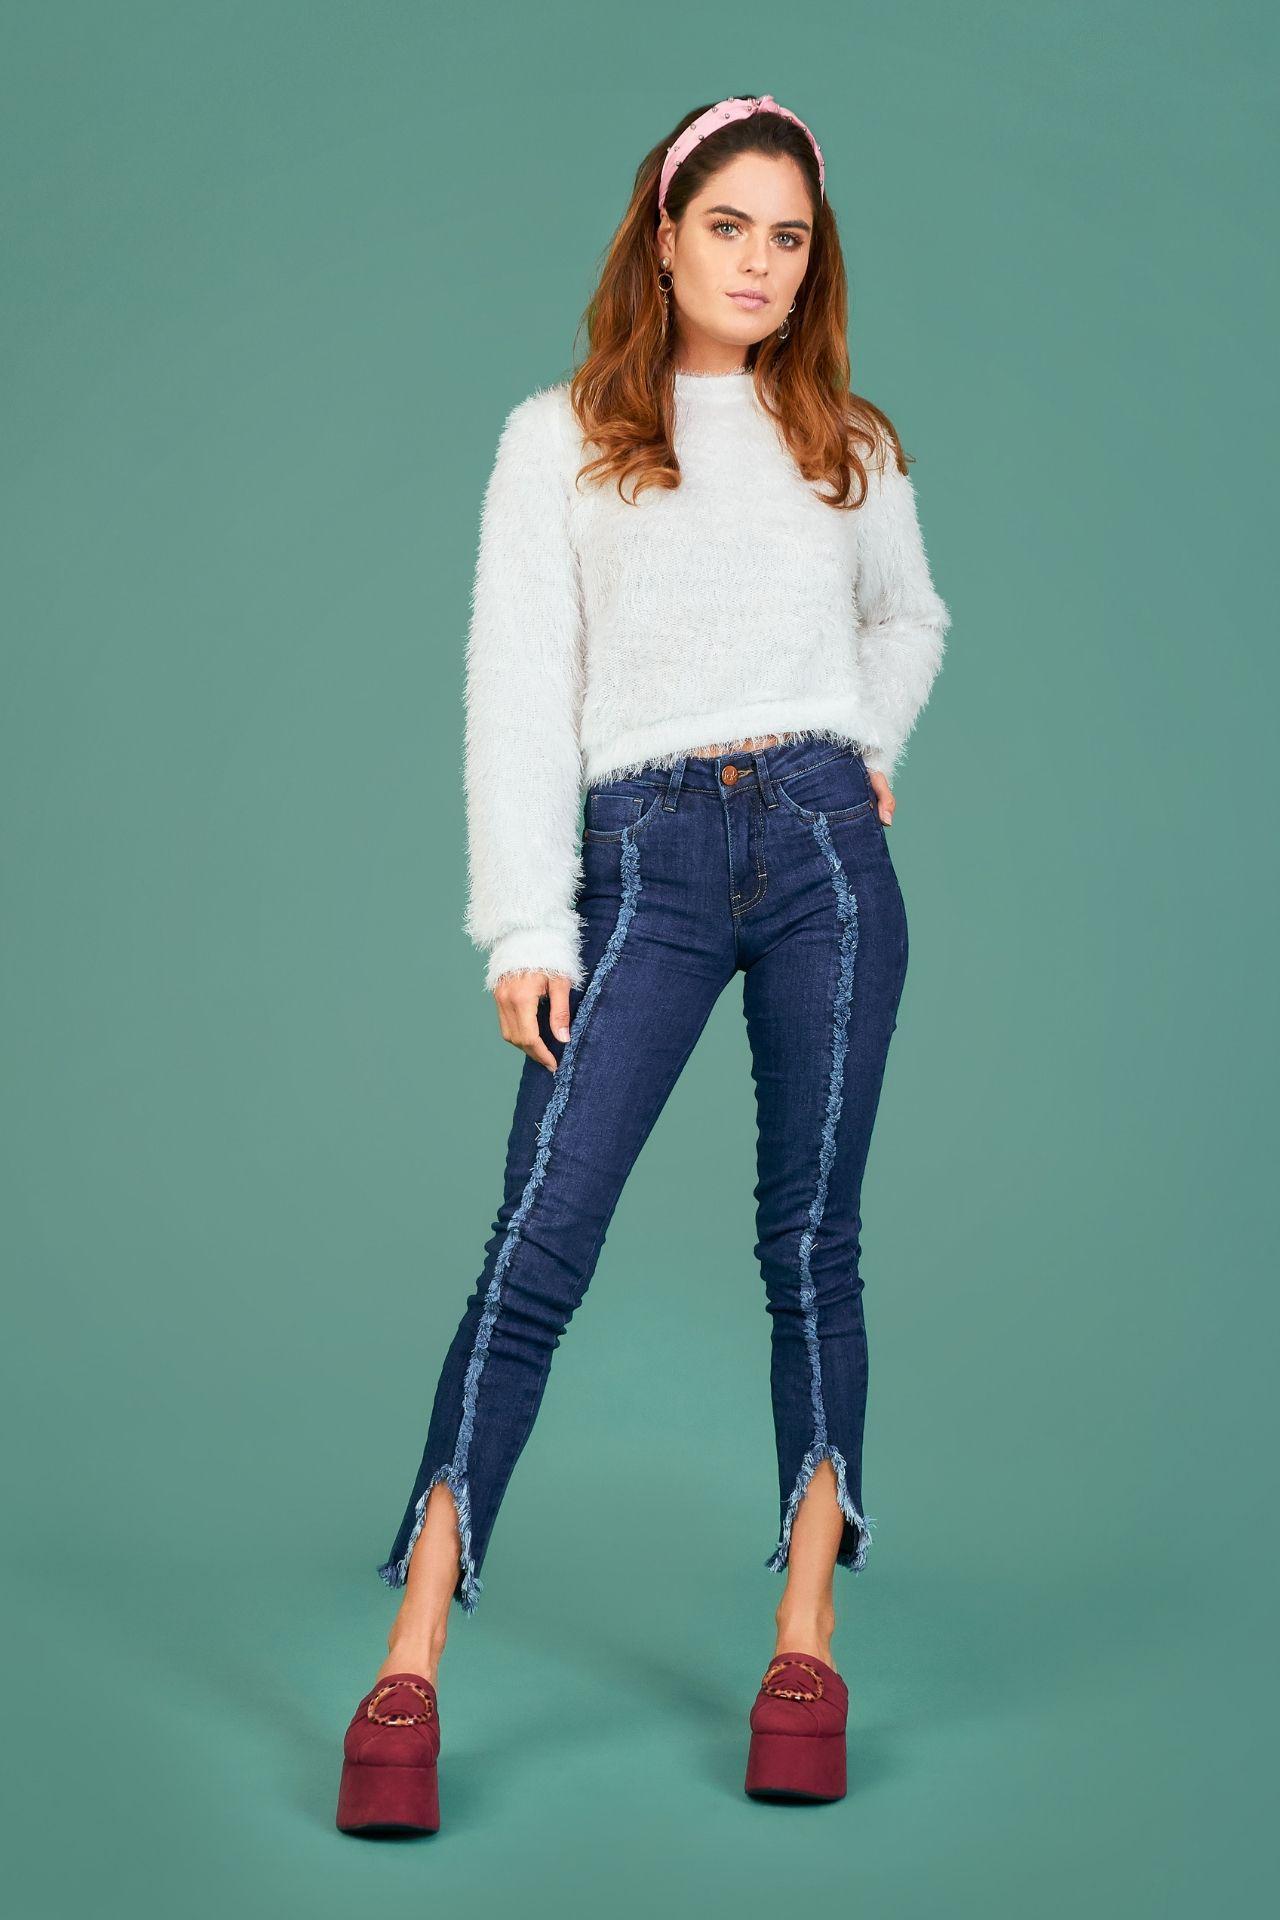 Pantalón de denim azul oscuro. Skinny-Confy Fit. High-Rise Pantalón de Jean con costuras desflecadas en el centro de la pierna. Abertura en la bota en forma de triangulo, tambien deflecada. 5 bolsillos utiles. Recomendamos pedir una talla mayor a la acostumbrada por ser un fit pequeño.